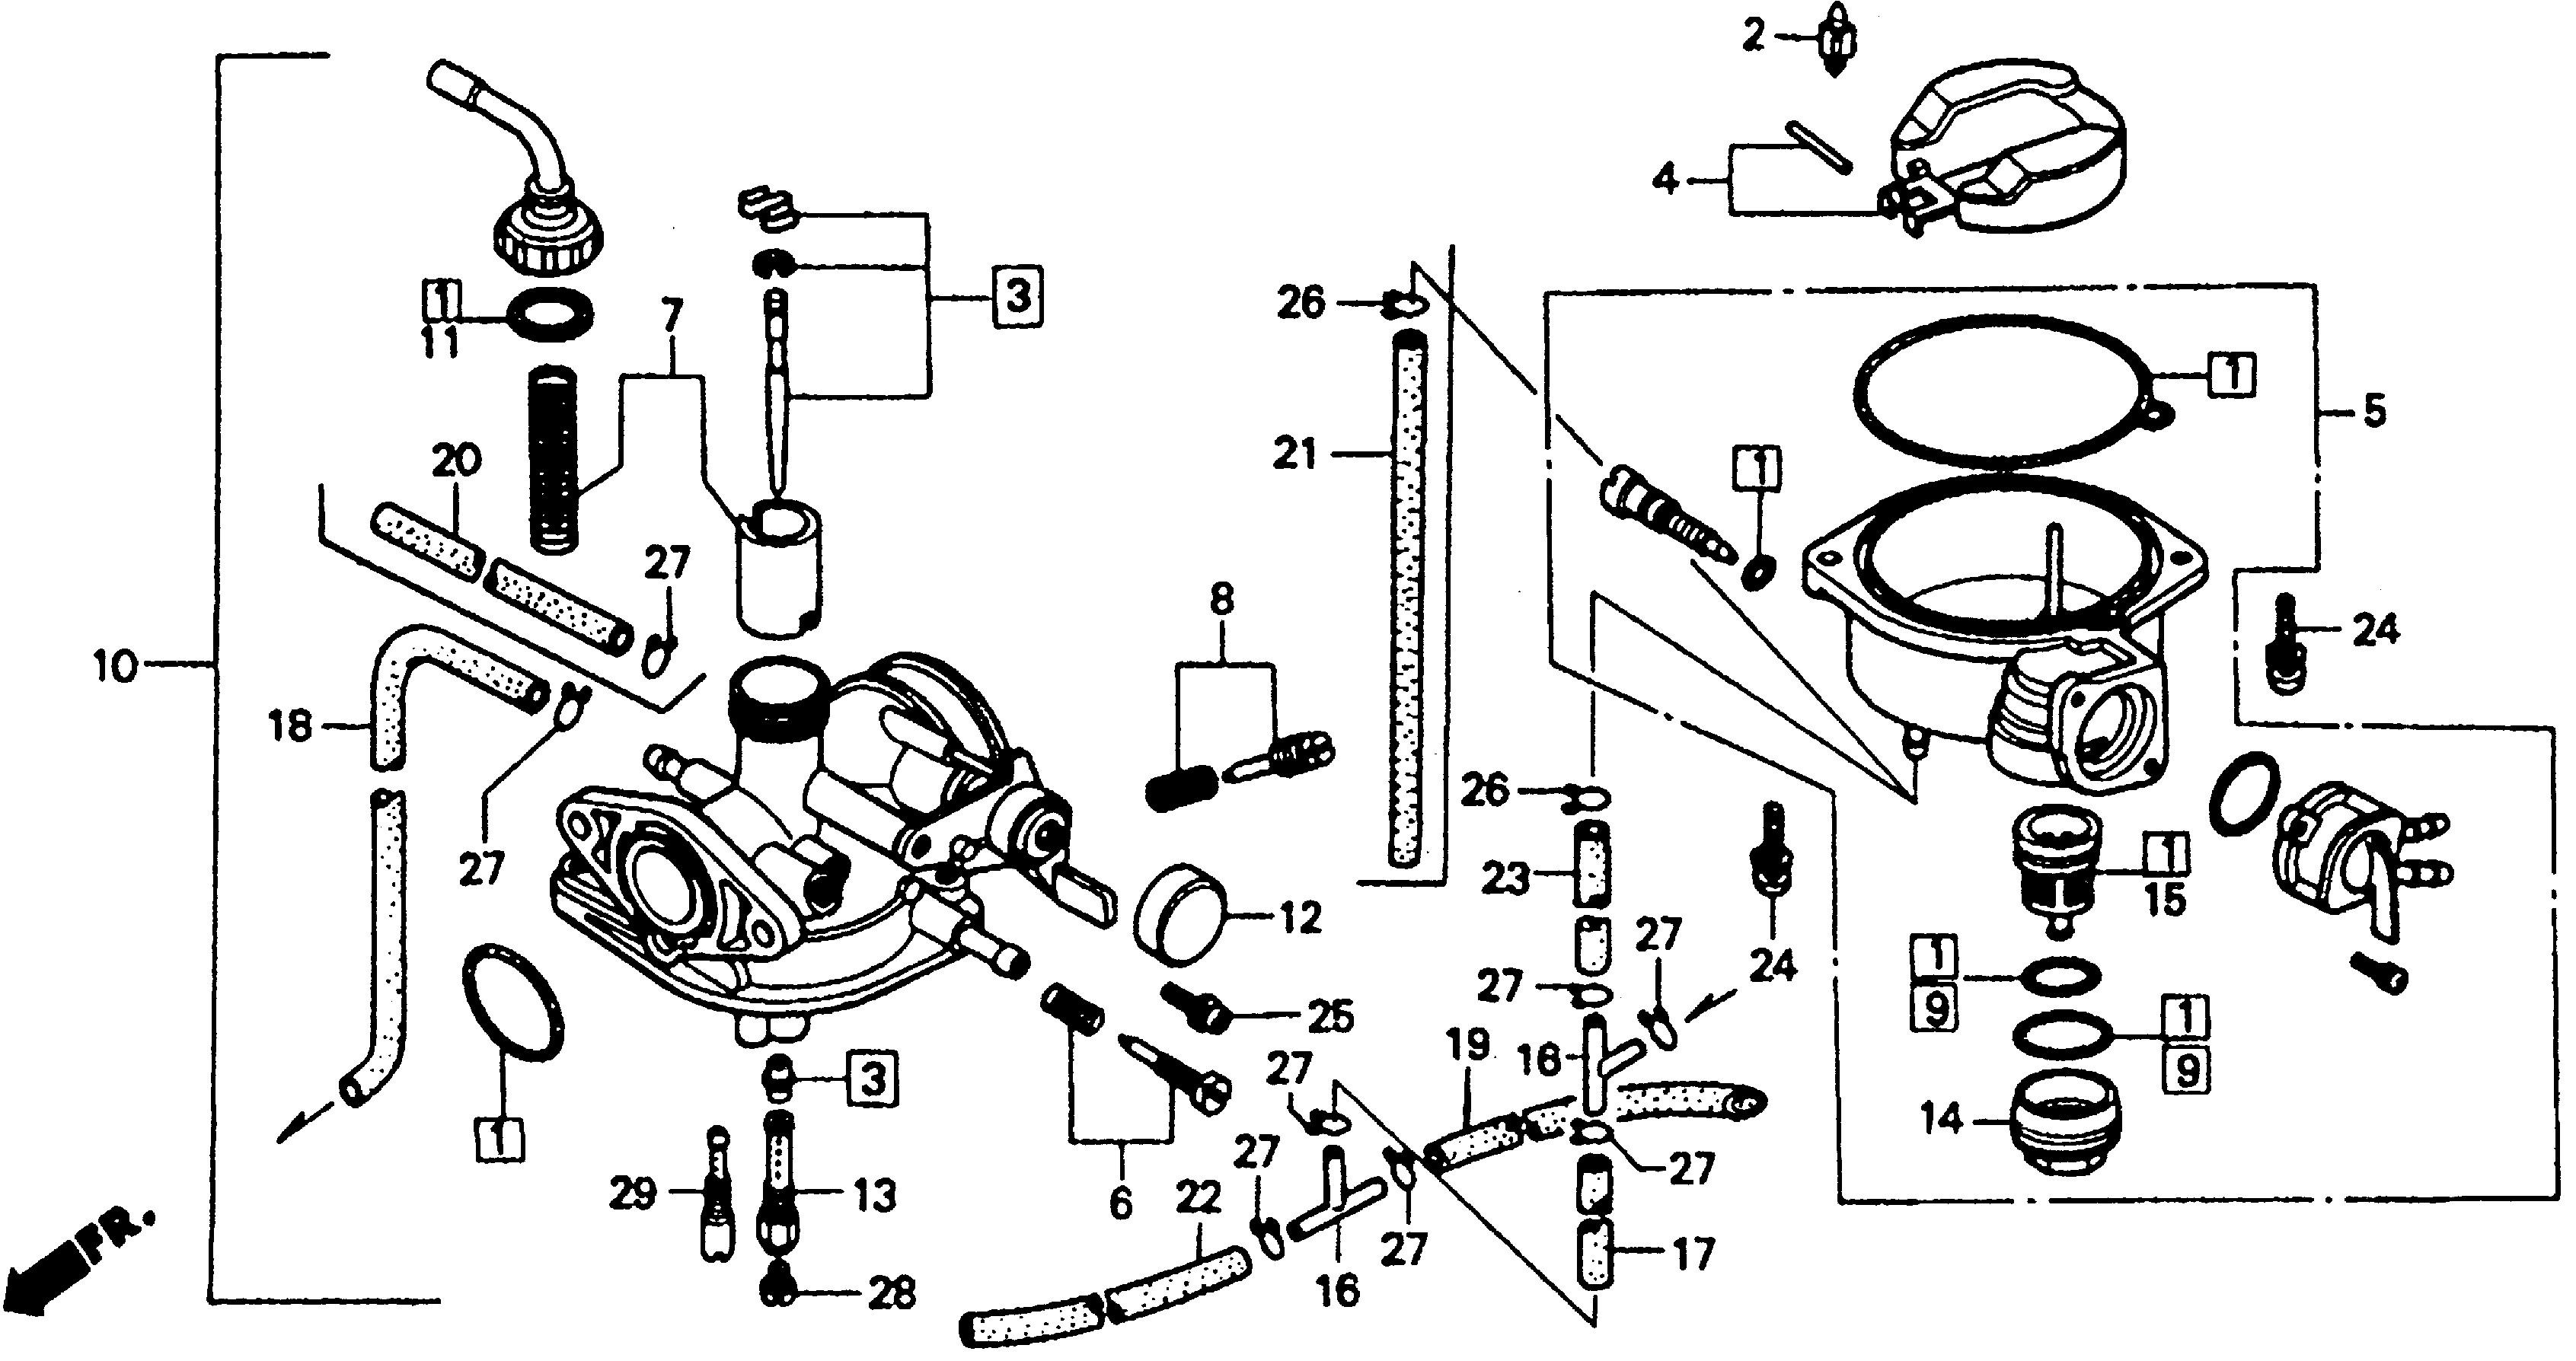 Honda OEM Part 16148-141-881 | eBay